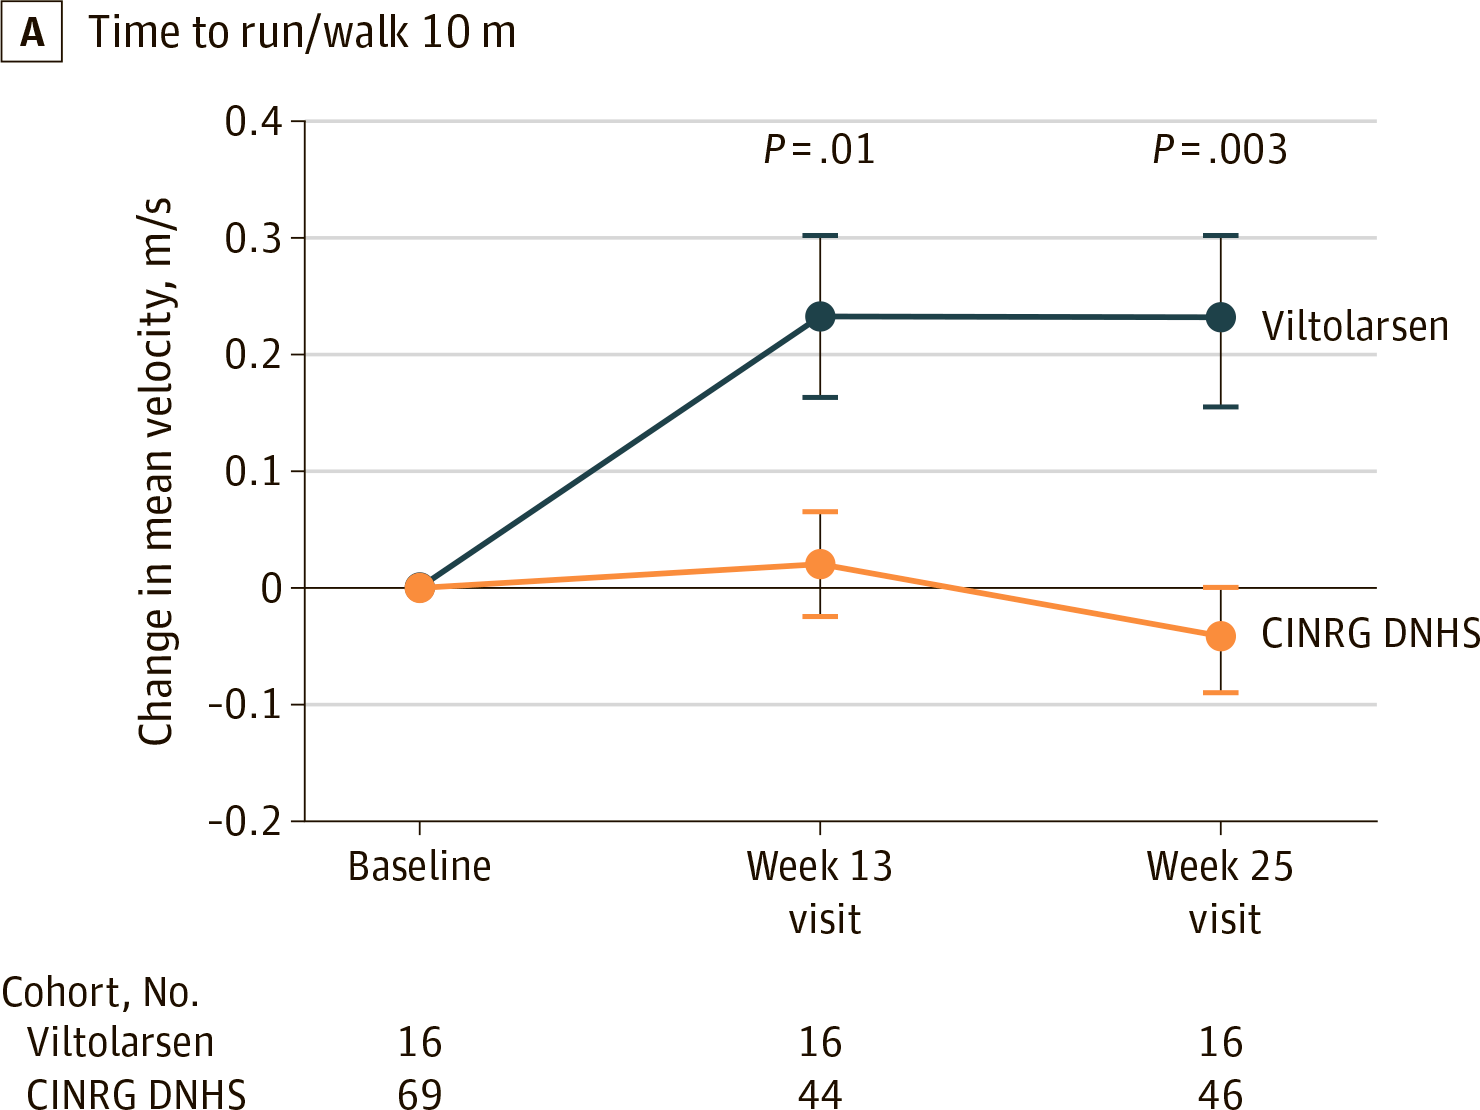 nct02740972 results 04 - «Вилтепсо»: новое лекарство против мышечной дистрофии Дюшенна